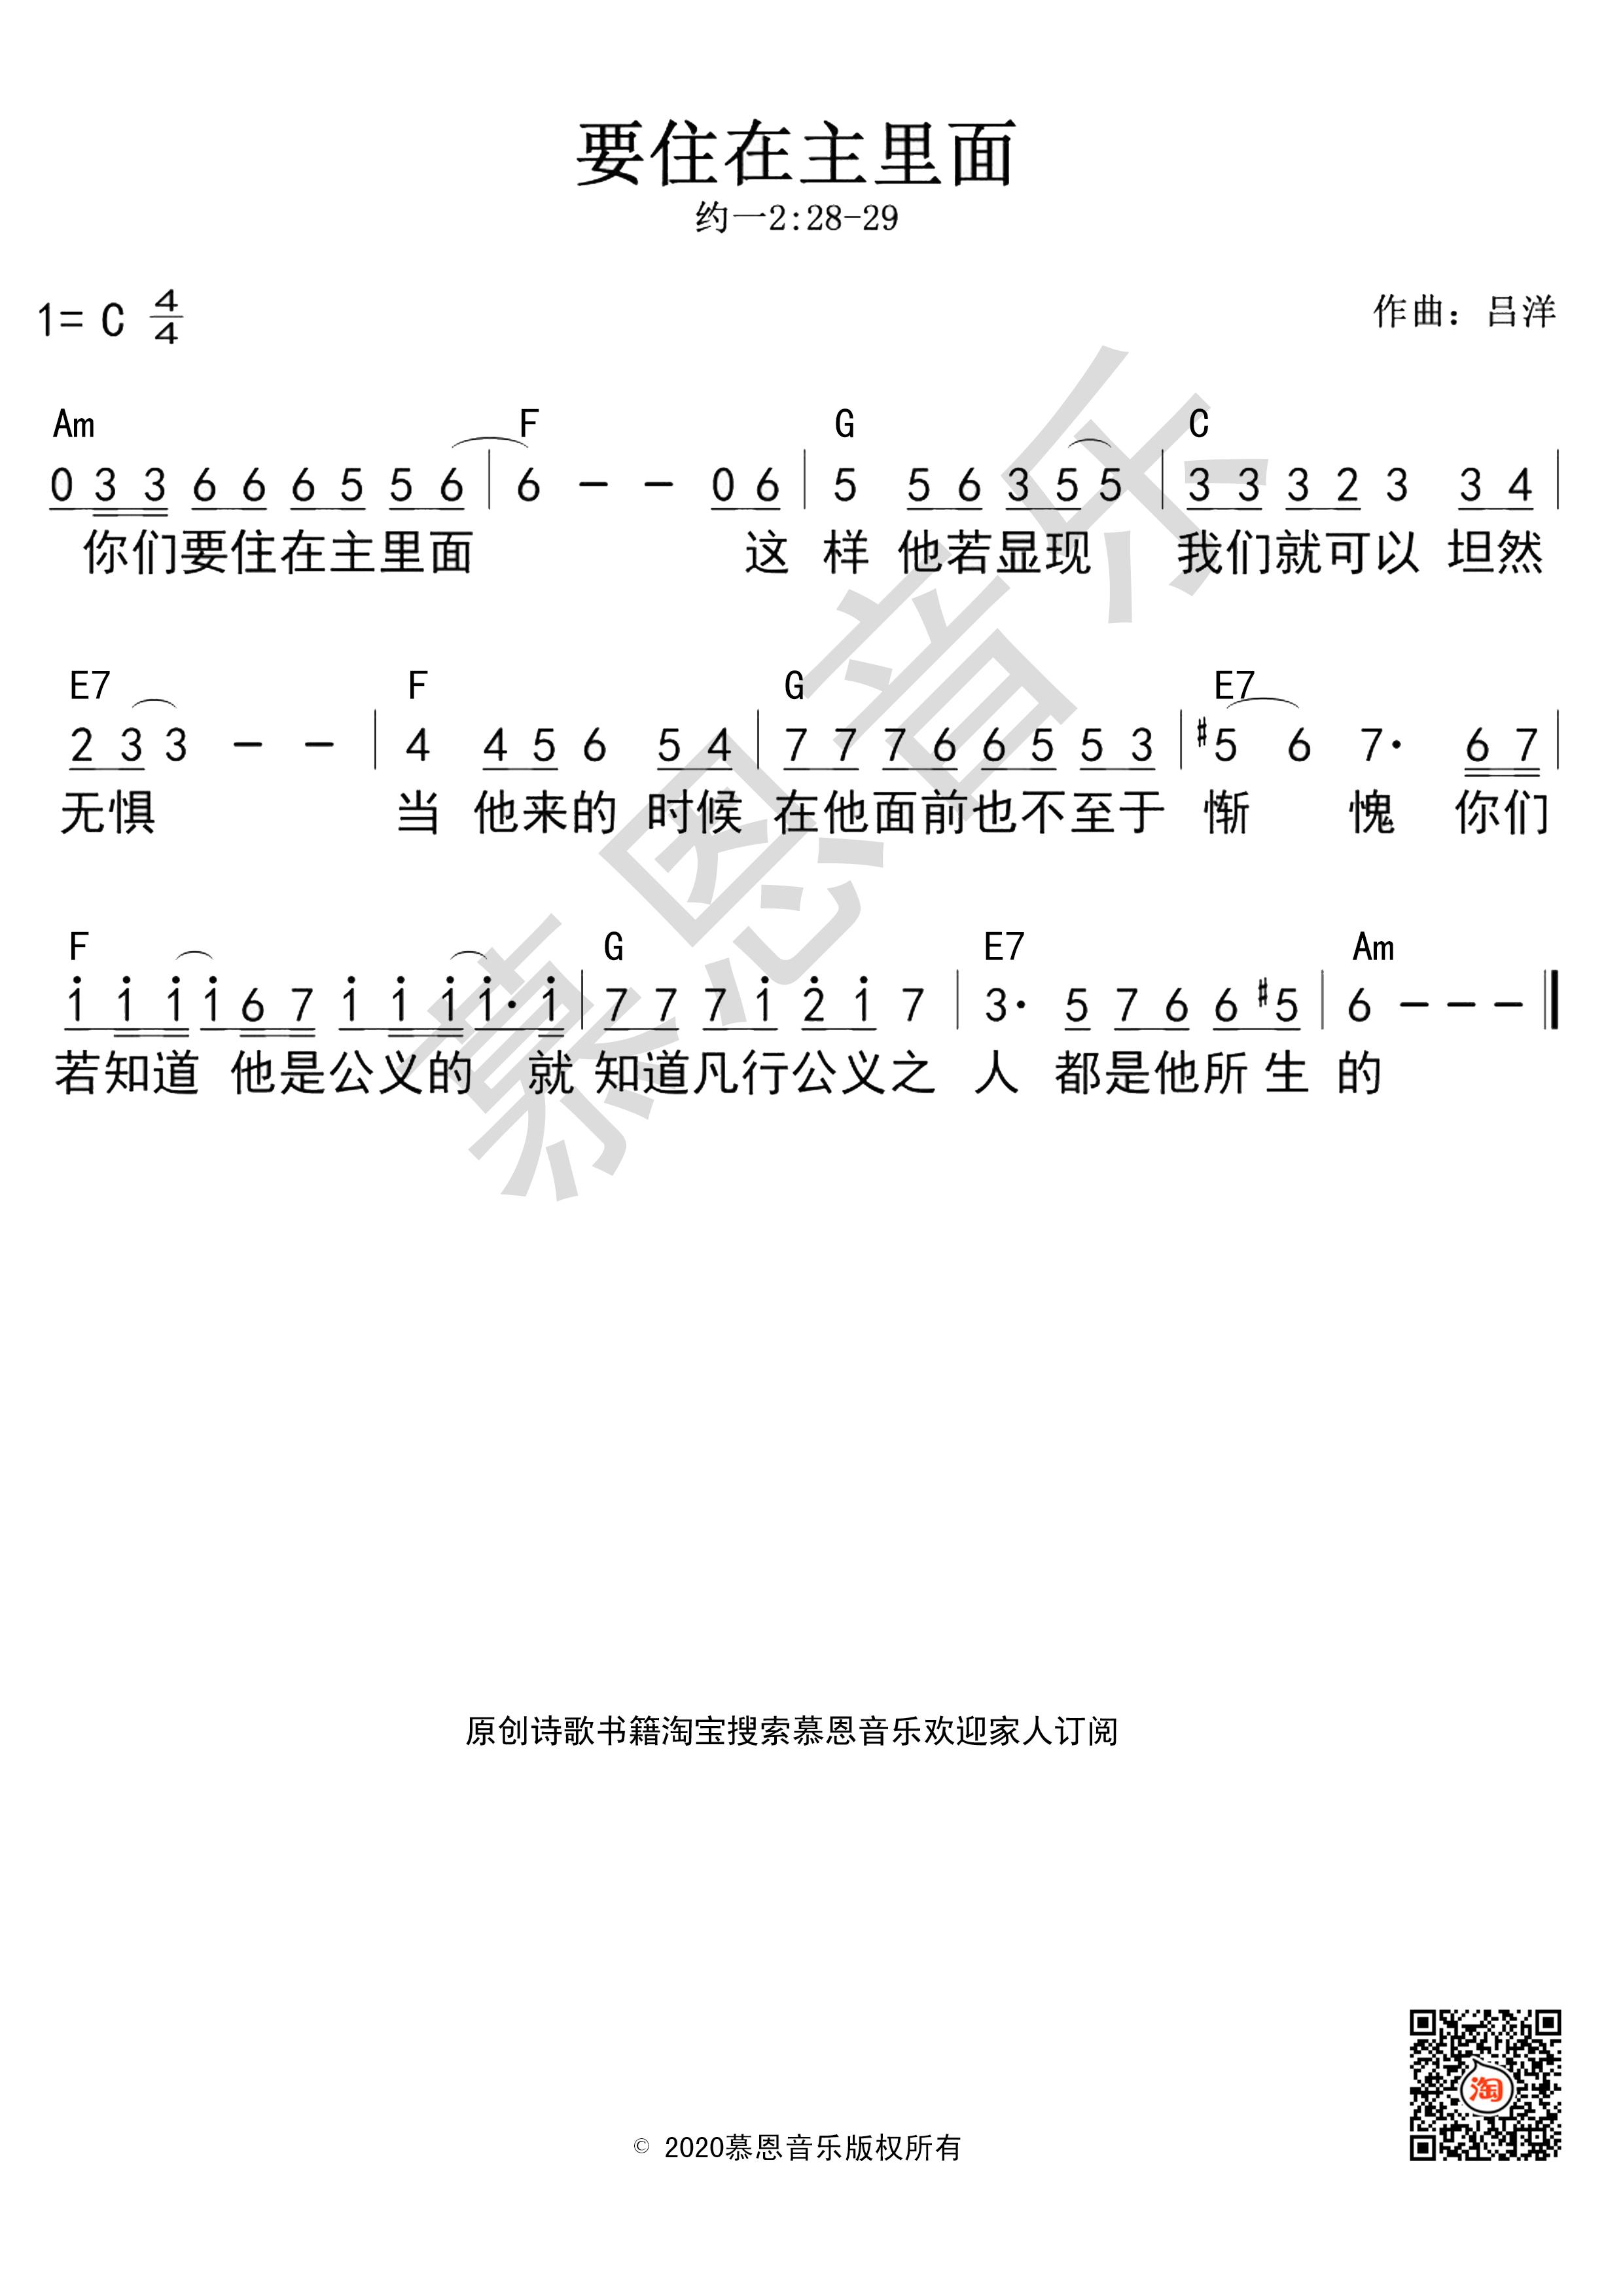 《第148首 要住在主里面 官方和弦简谱》